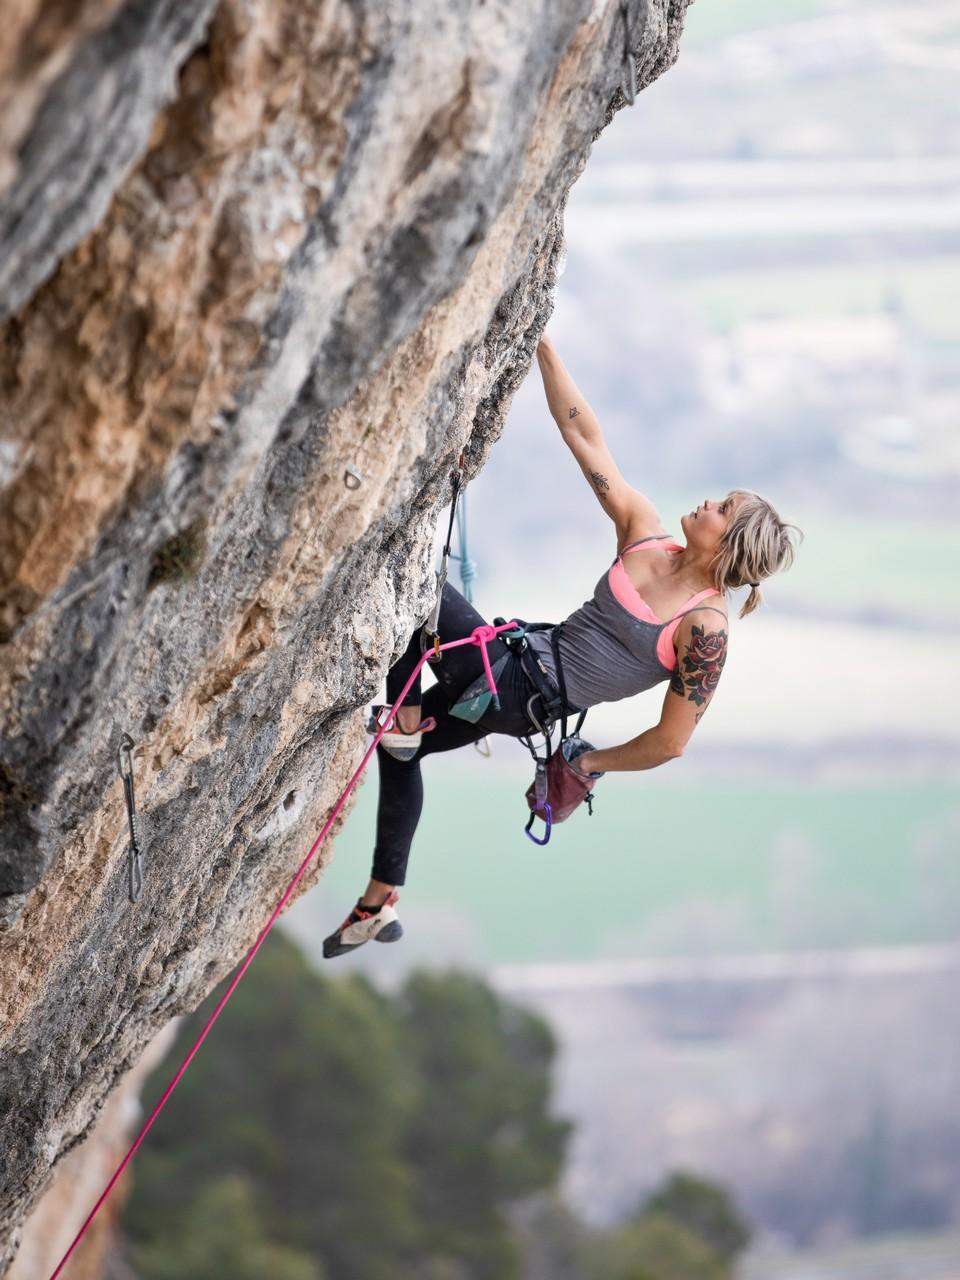 Anna Laitinen kiipeämässä kallionseinämällä.